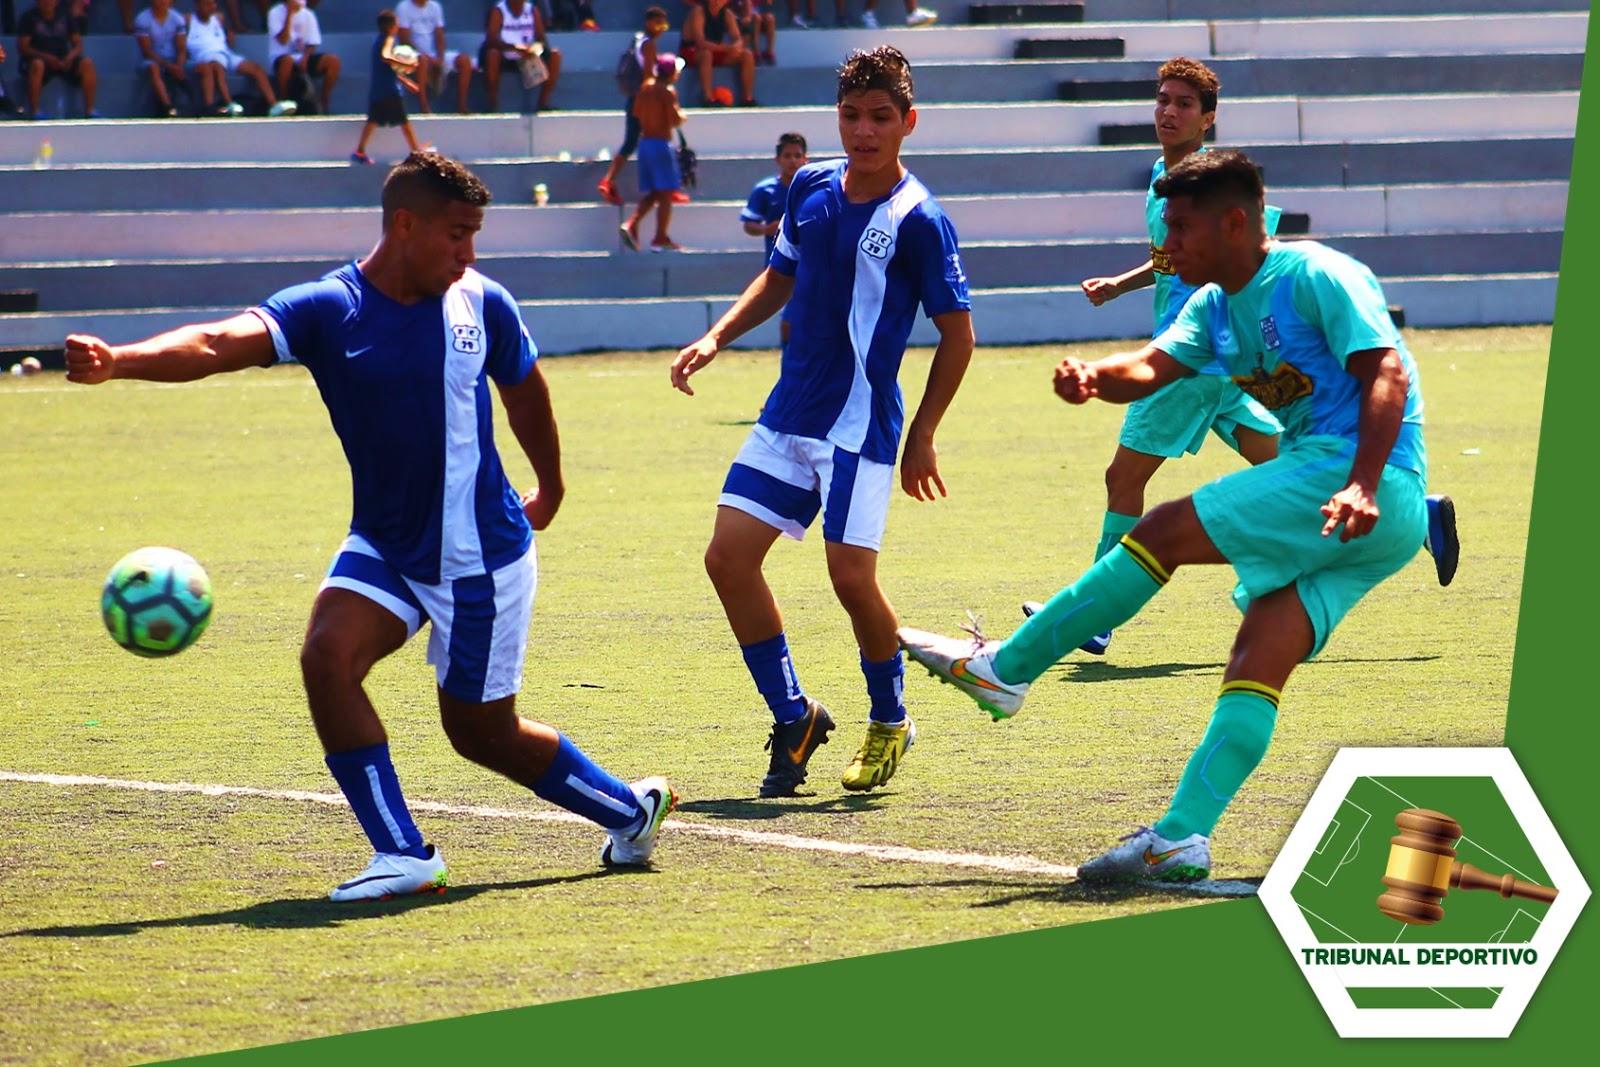 Segunda División B Grupo 4 Próxima Jornada. Al Real Oviedo se le ...